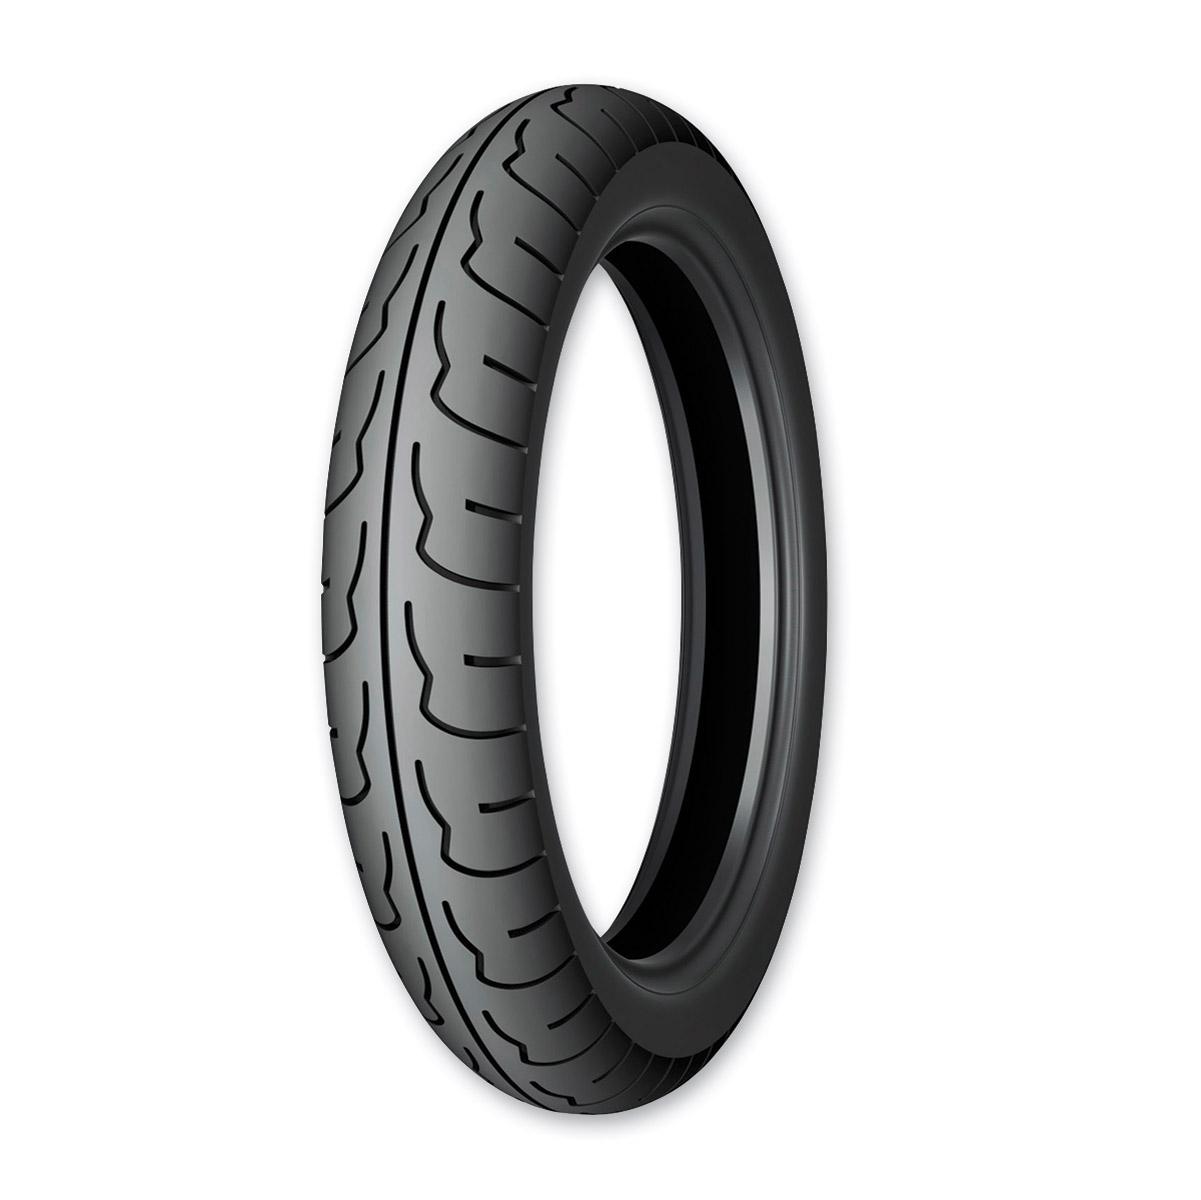 Michelin Pilot Activ 100/90-19 Front Tire